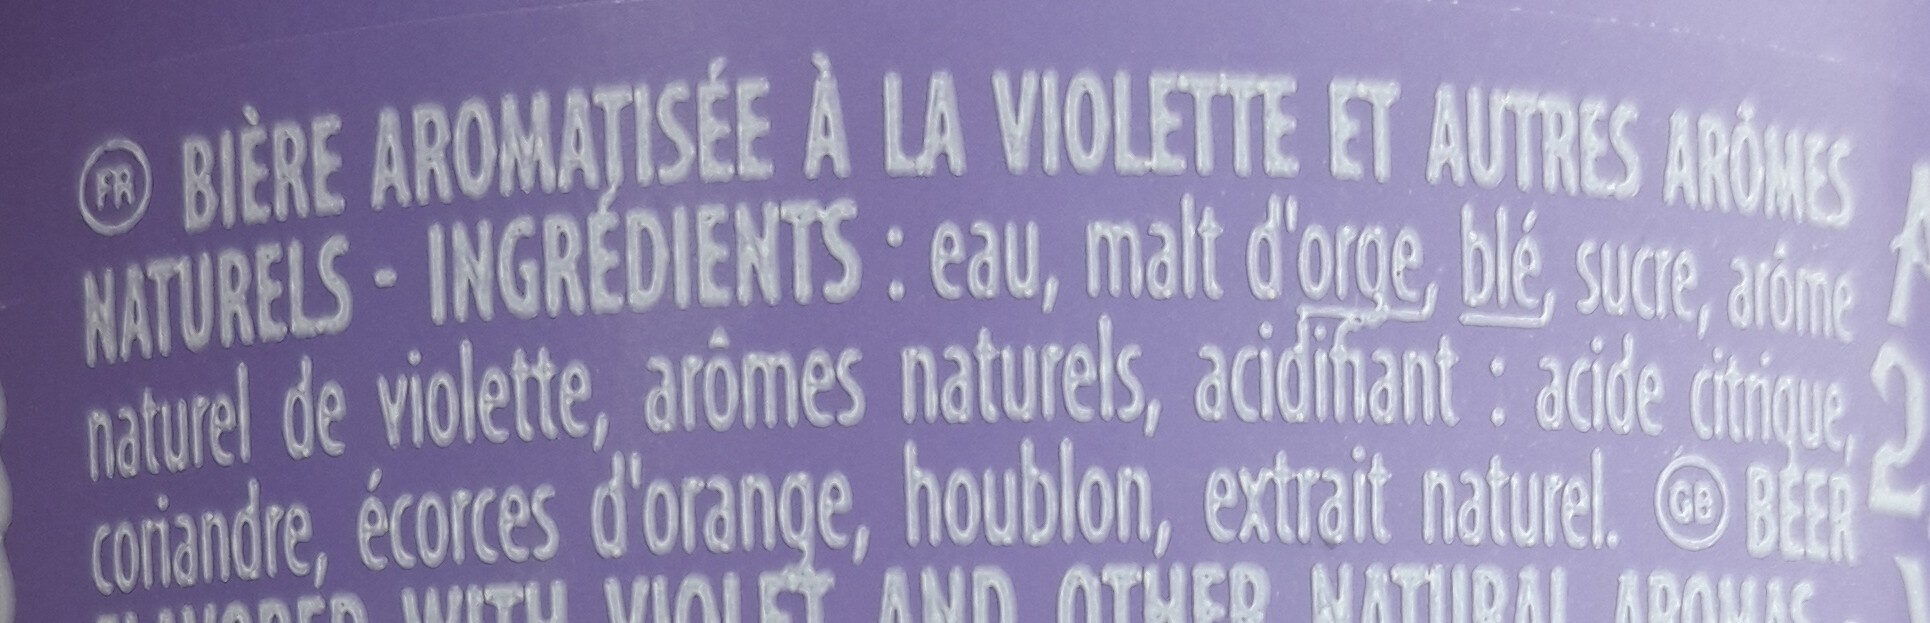 Belzebuth violette - Ingredients - fr